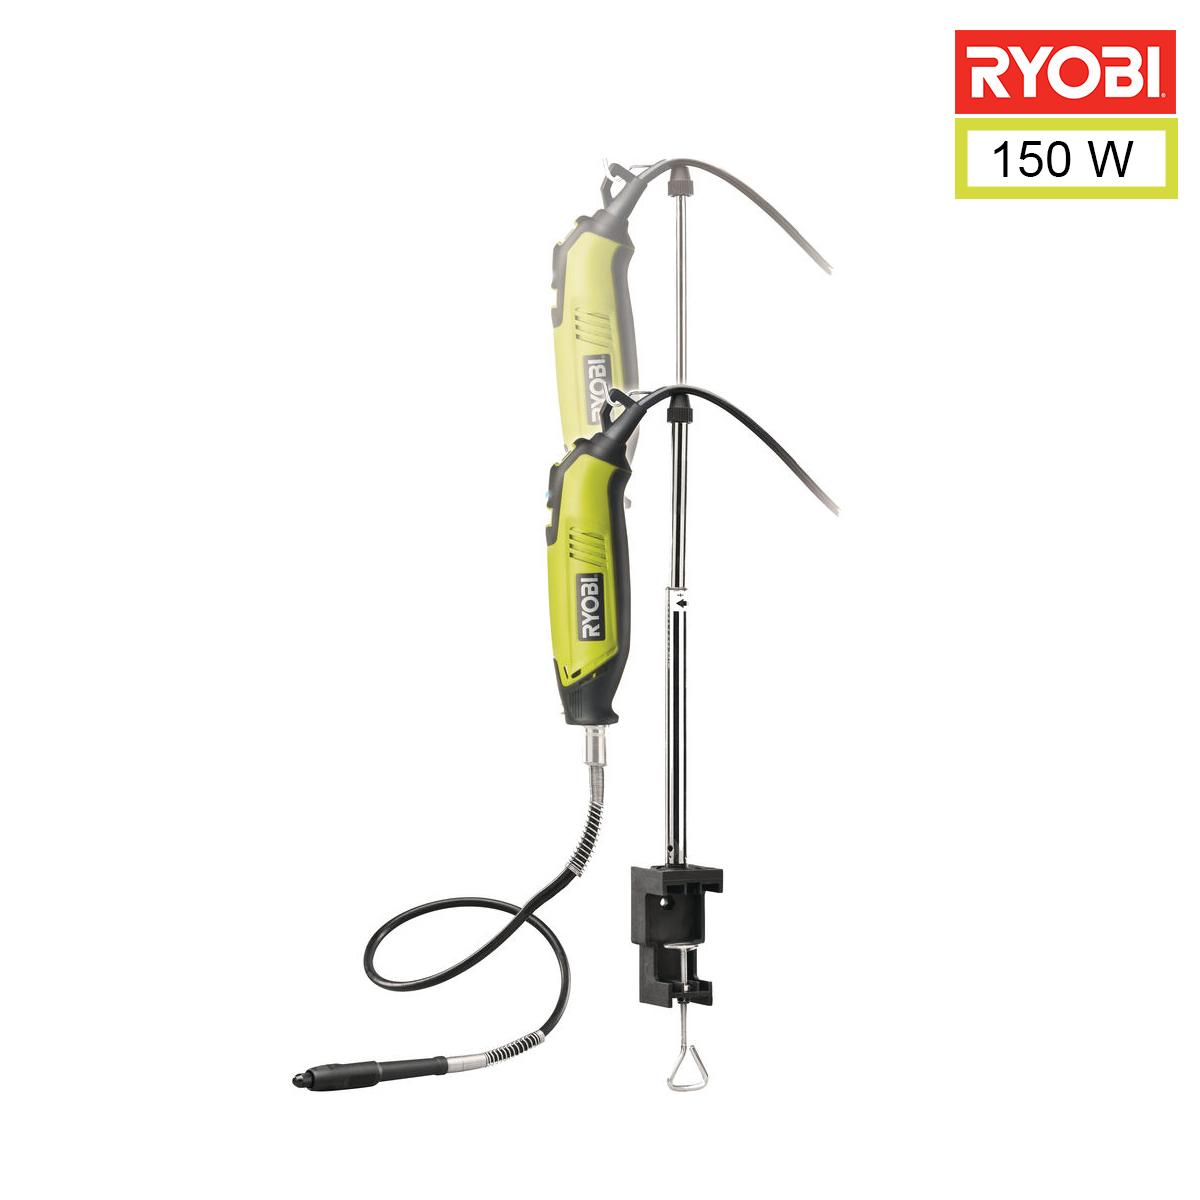 Coffret outils multifonctions 150W - 115 accessoires - arbre flexible - support télescopique EHT150V